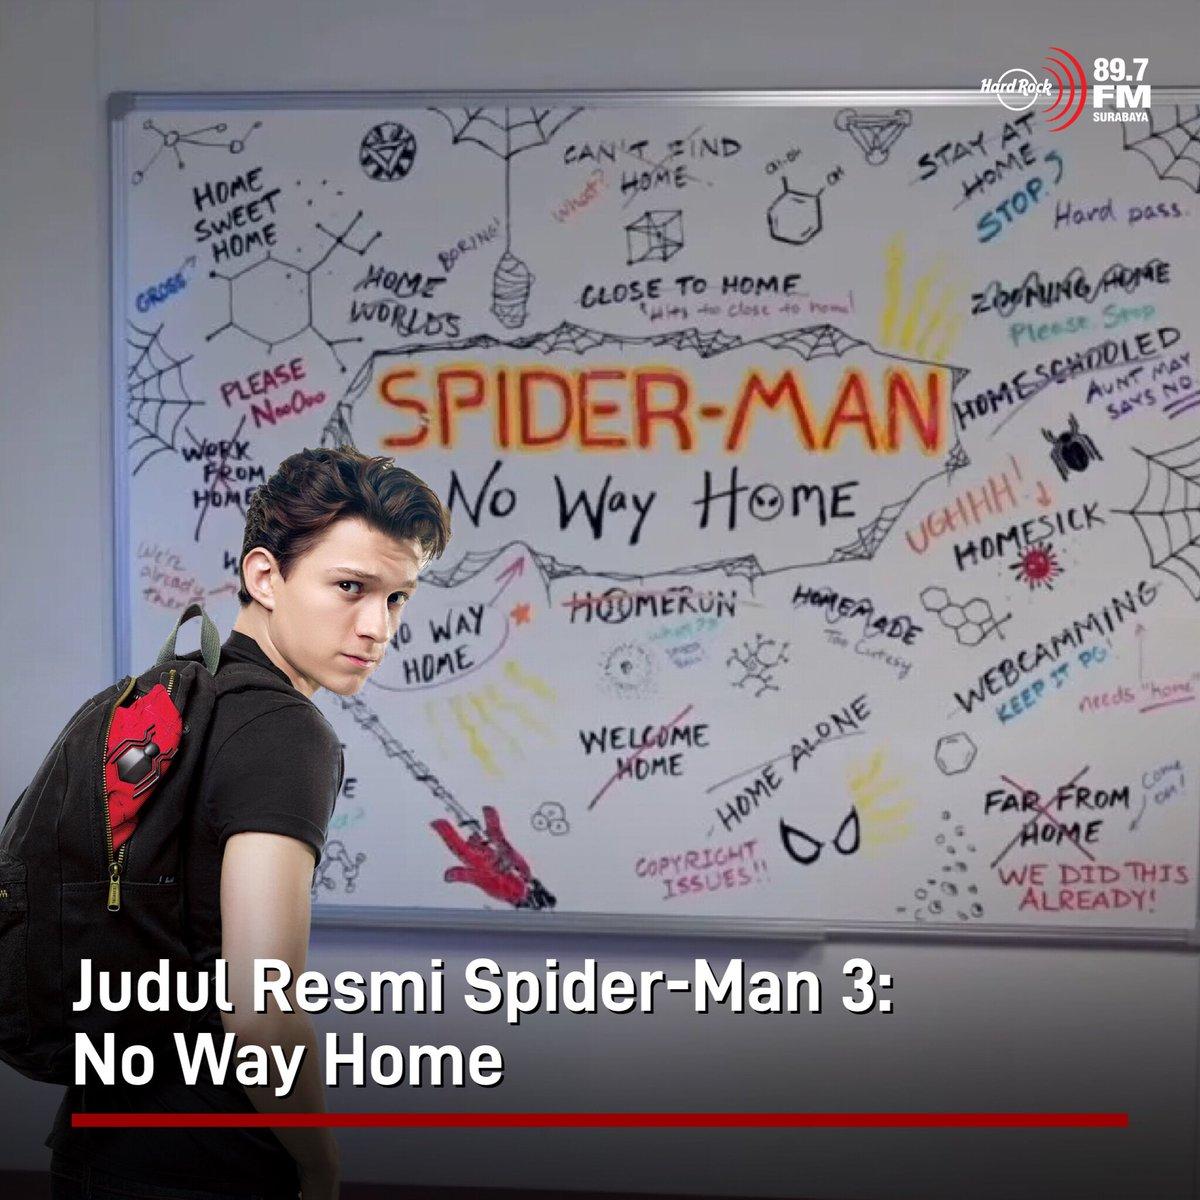 #HRFMNews Judul resmi film Spider-Man 3 sudah diumumkan, yaitu Spider-Man: No Way Home. Film ini dijadwalkan tayang Natal tahun ini.